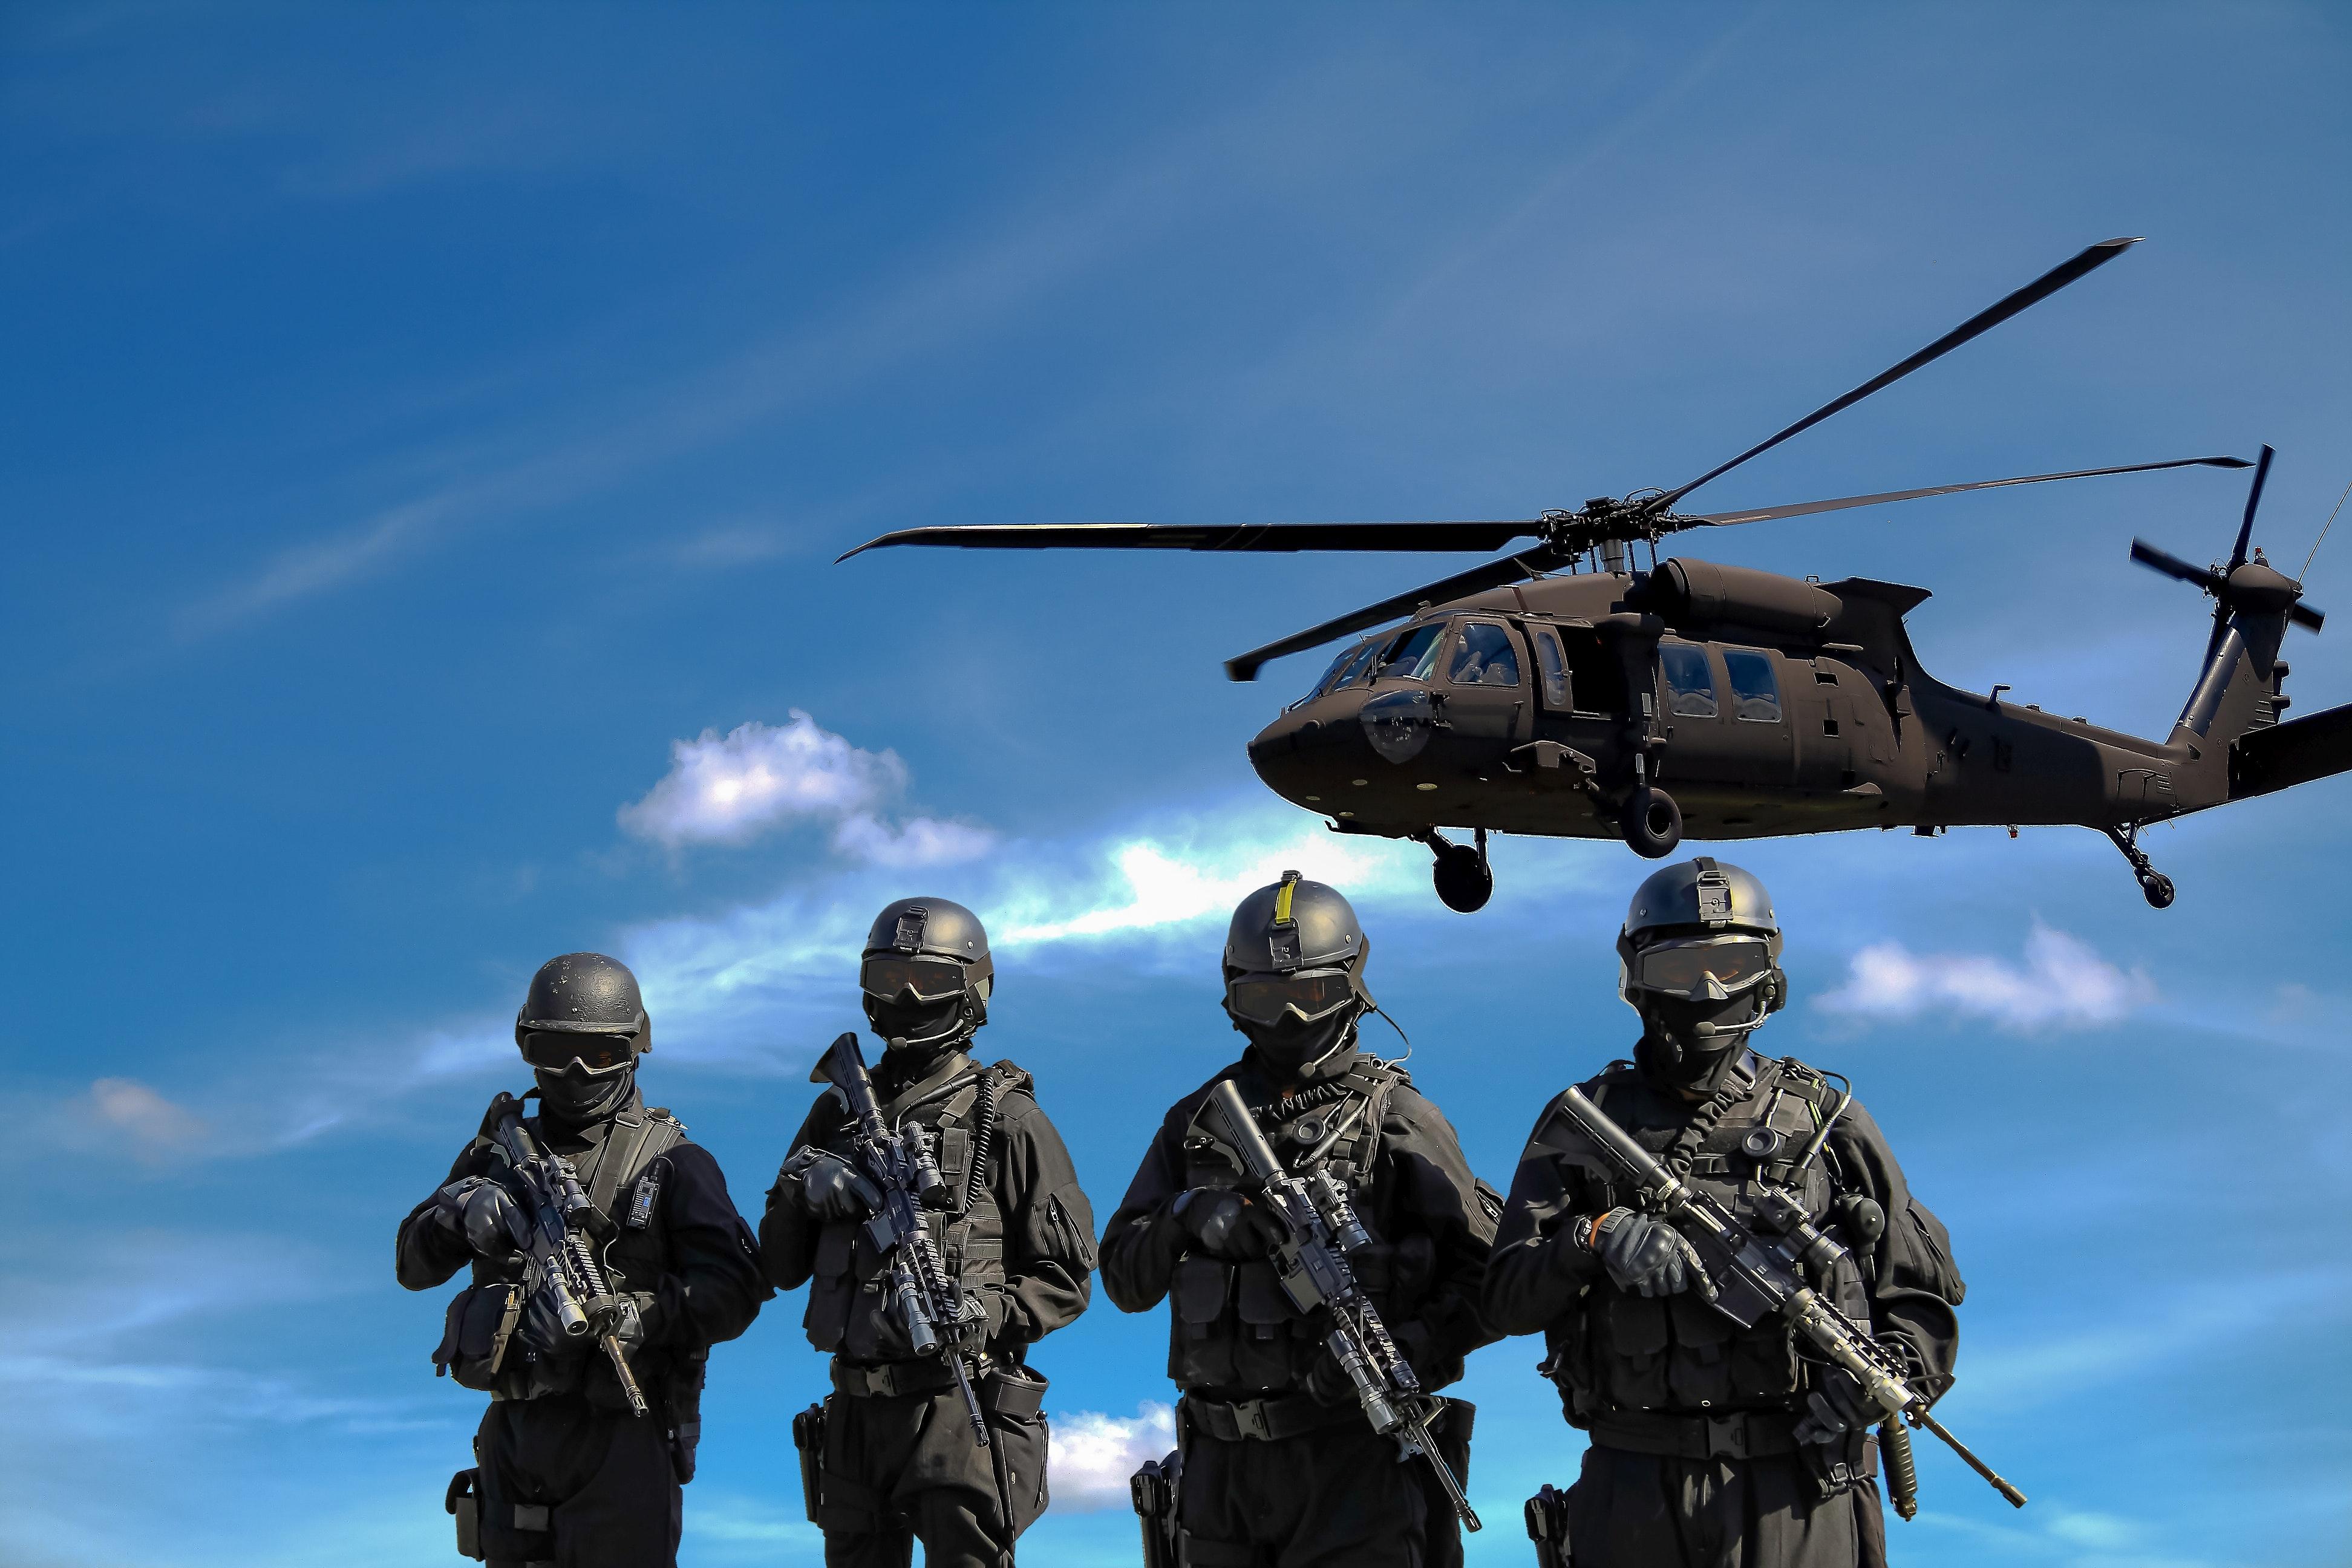 styrker tropper soldater krig helikopter våben